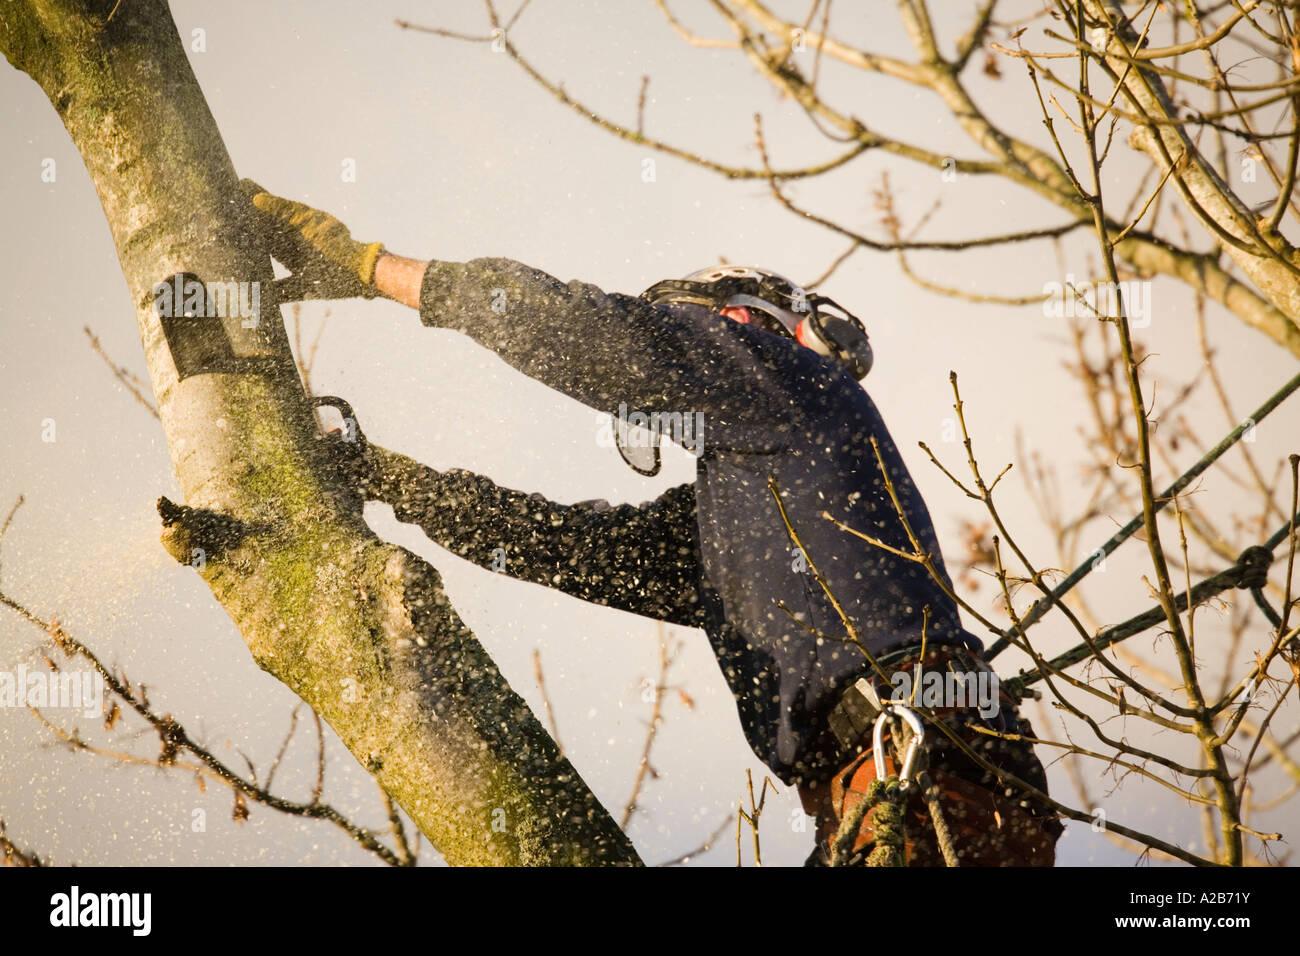 Klettergurt Baum : Baumpfleger in aktion tragen helm visier ohr protektoren